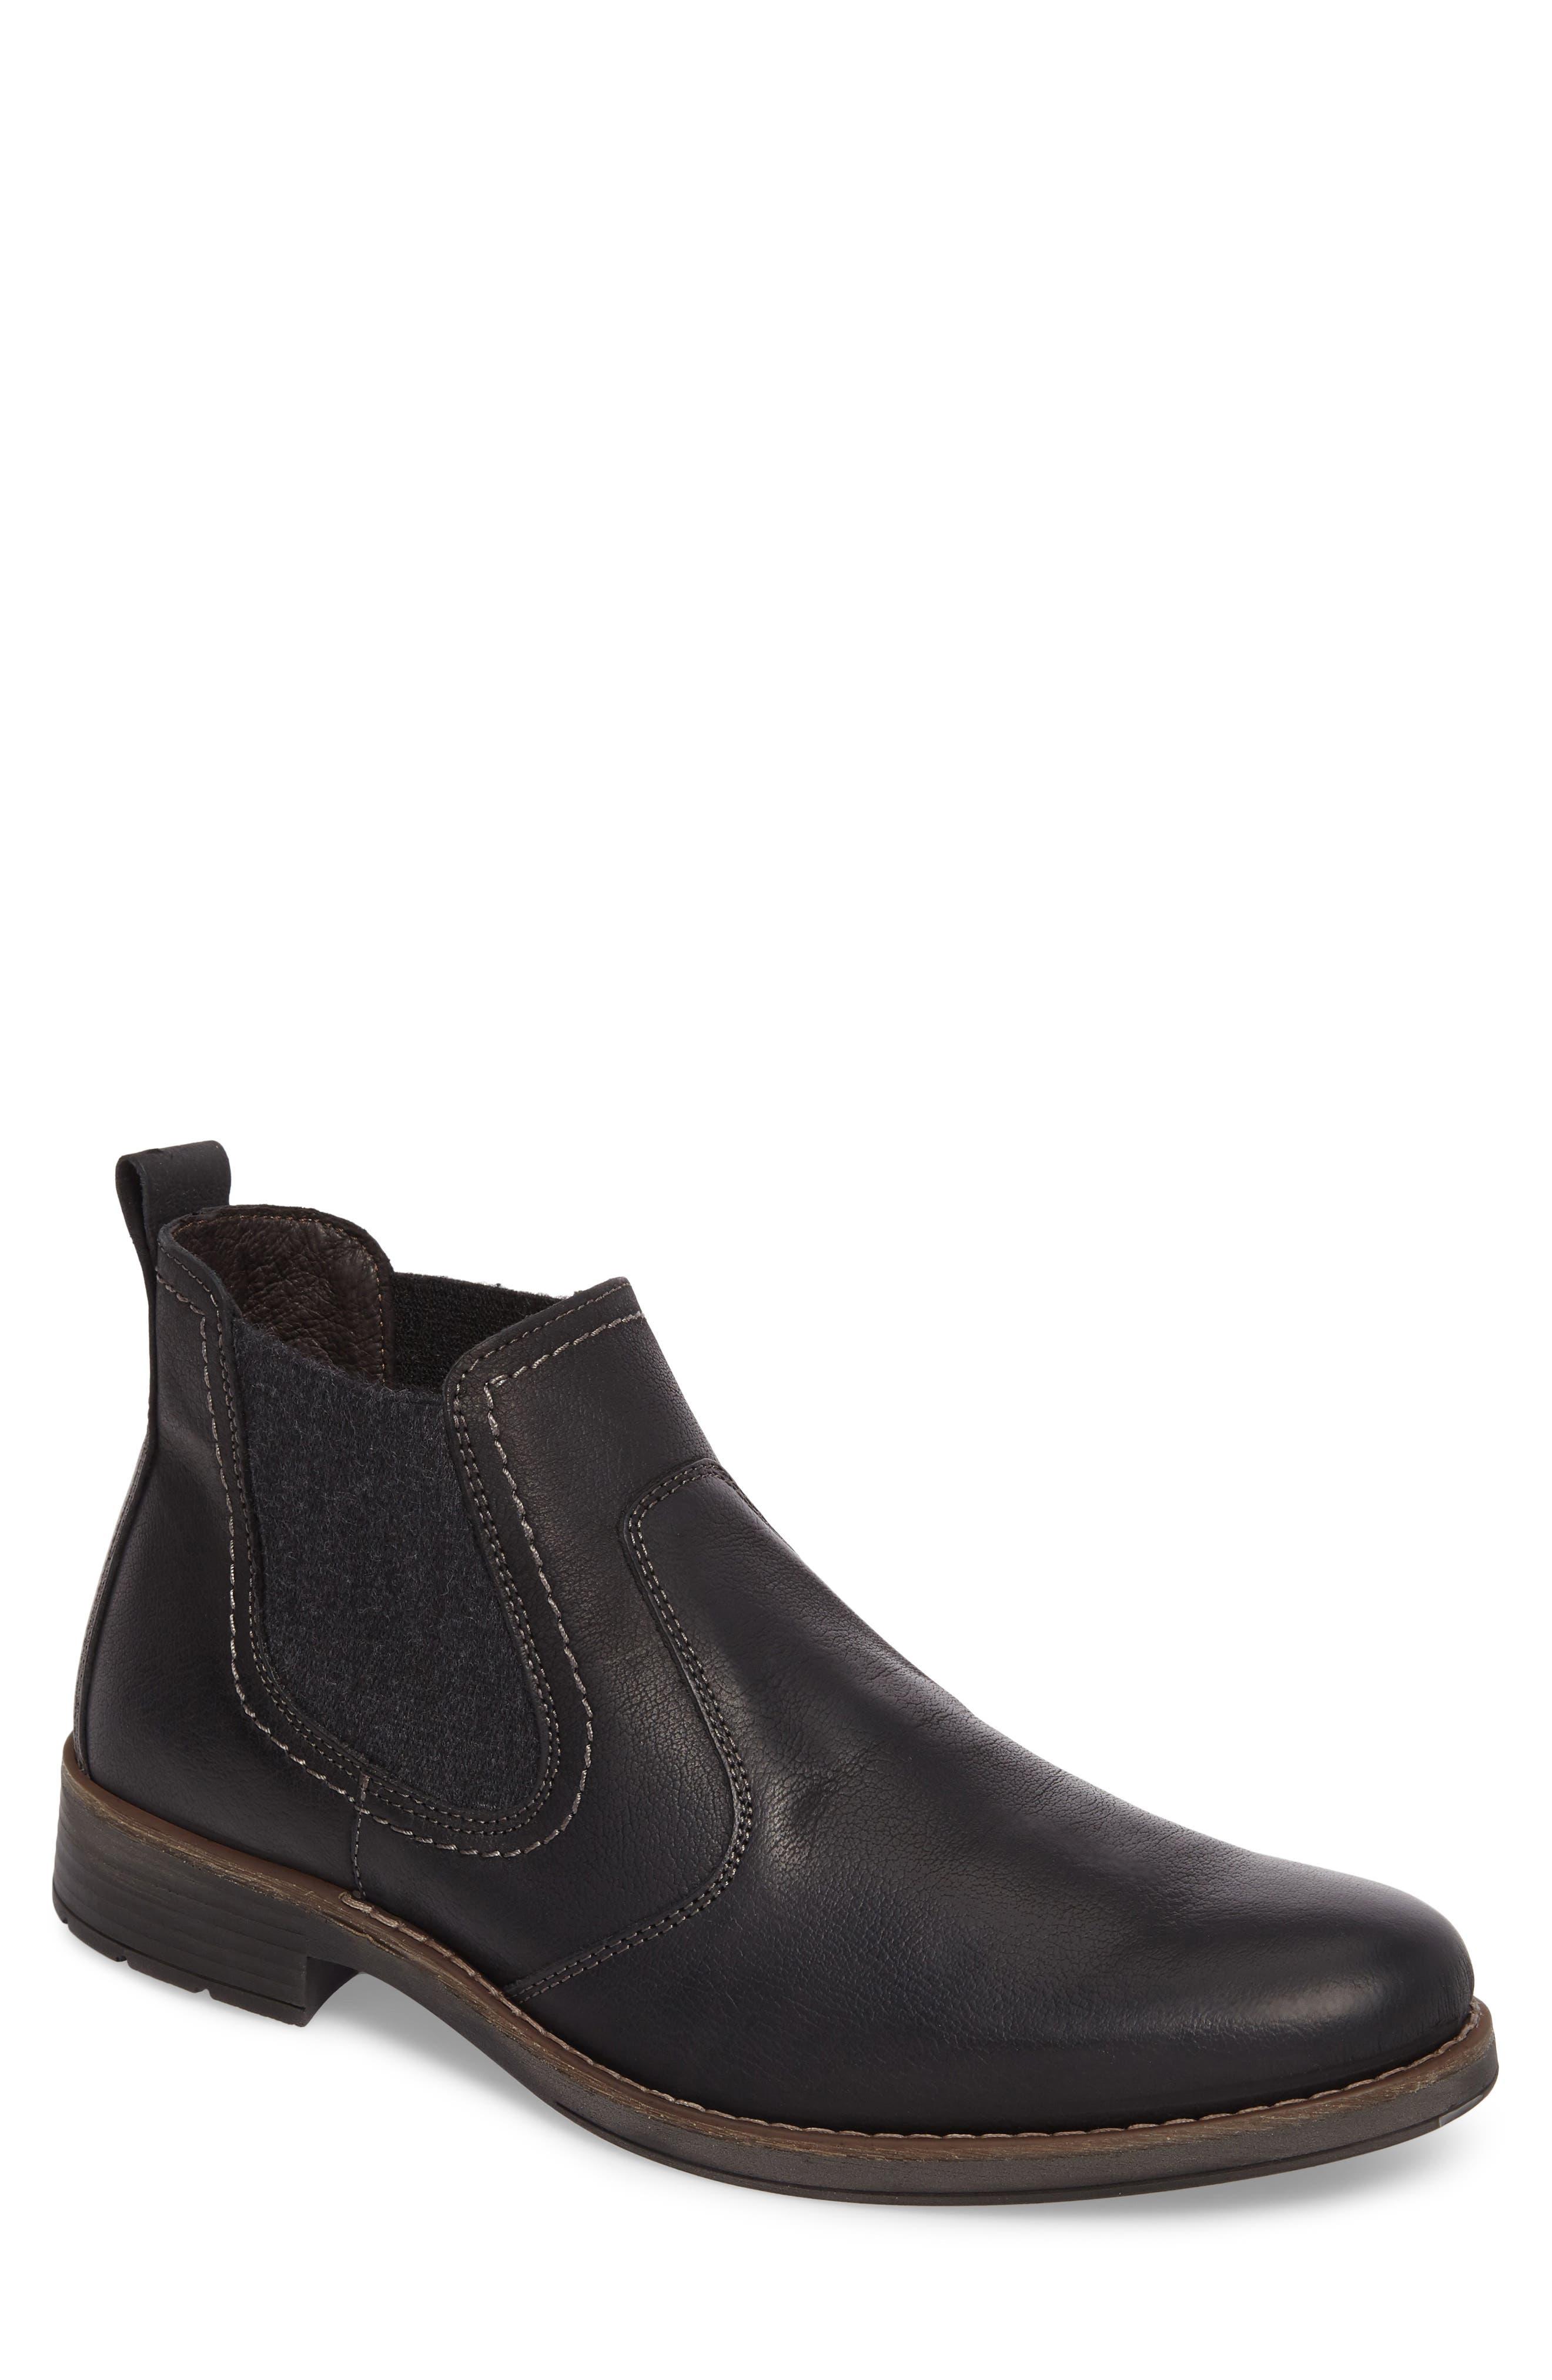 Spokane Chelsea Boot,                         Main,                         color, 001